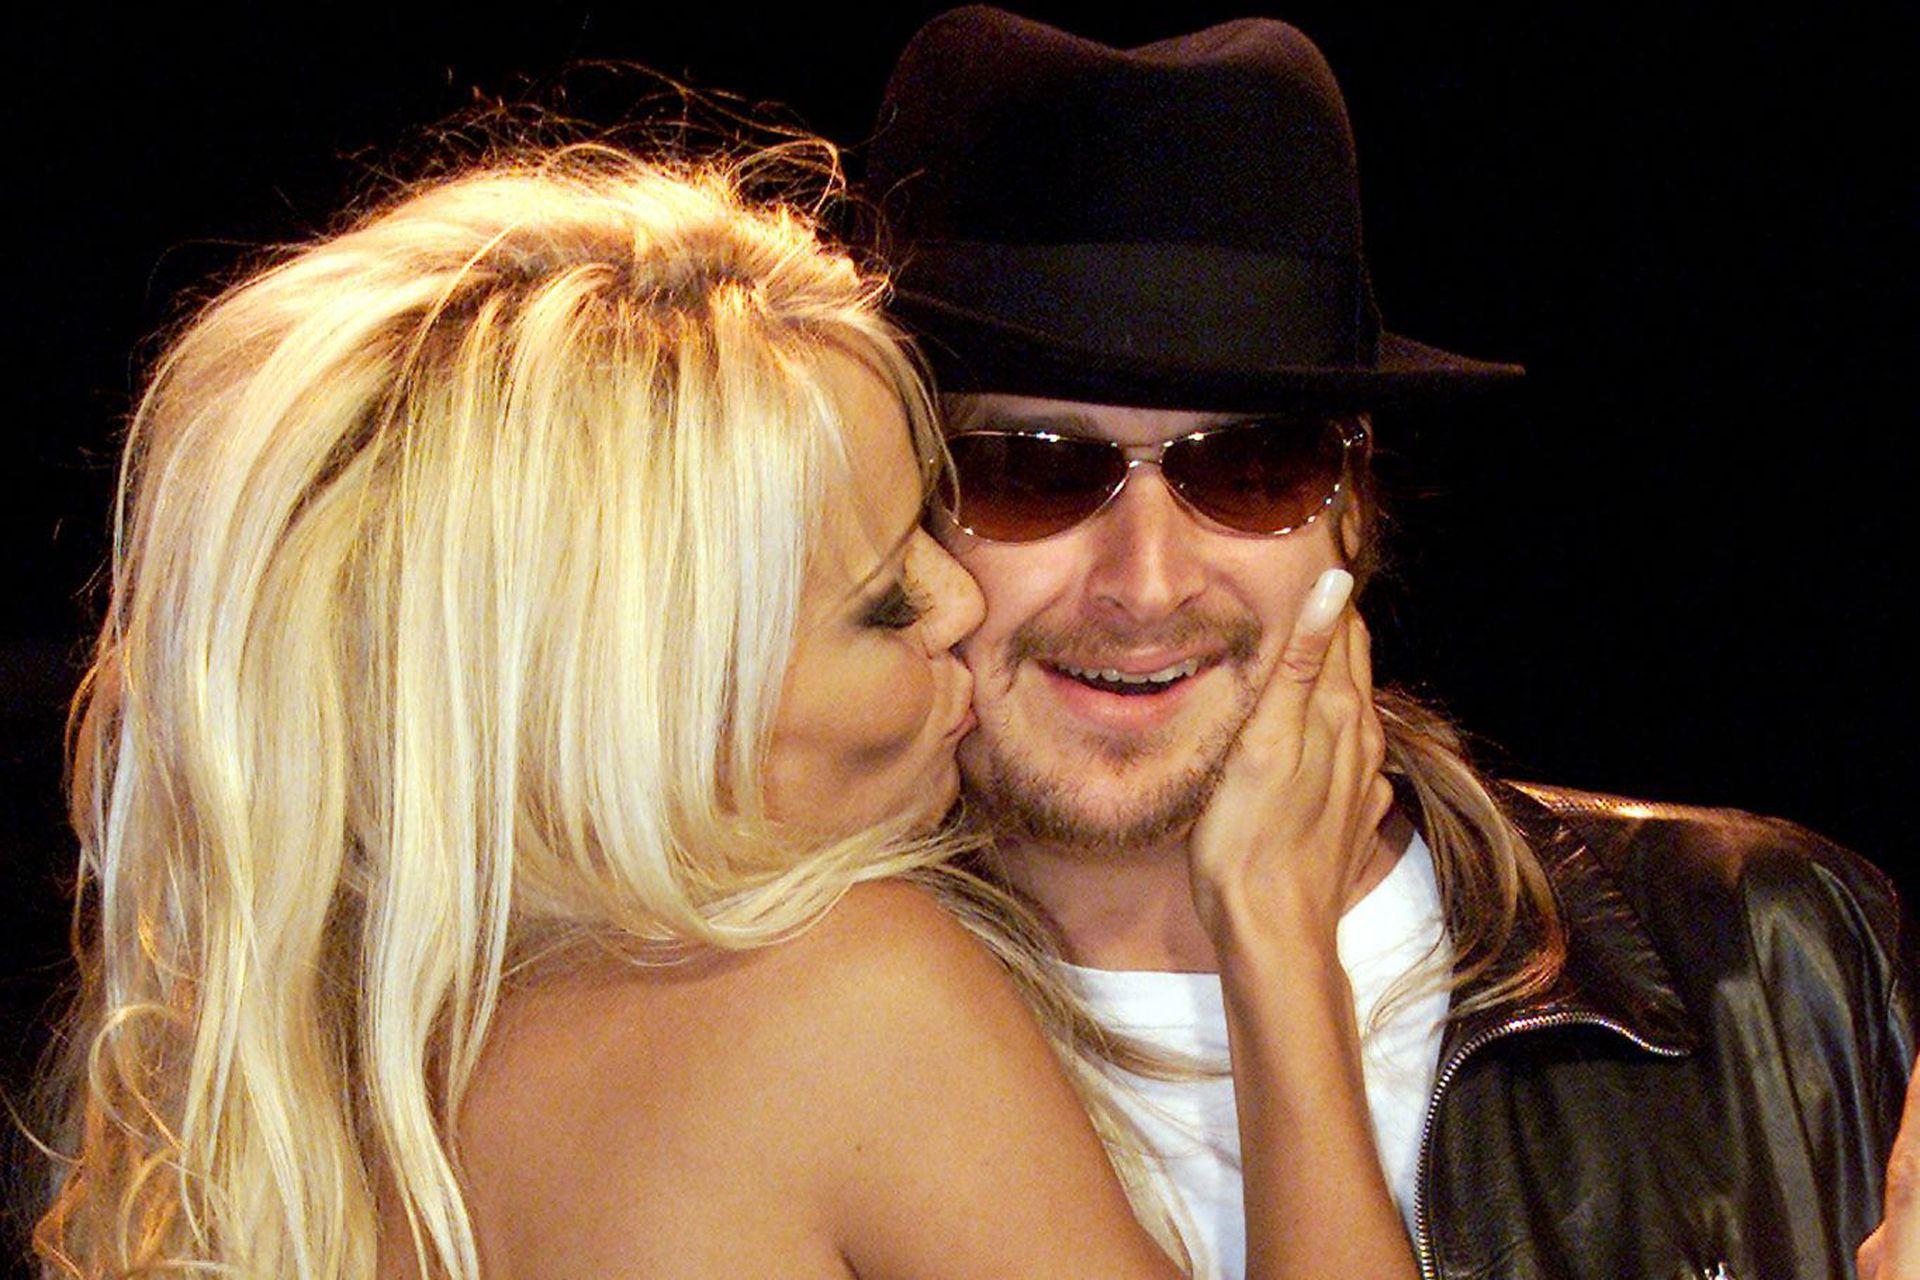 Luego de dos años de noviazgo, Pamela Anderson y Kid Rock los dos se terminarían casando en julio de 2006